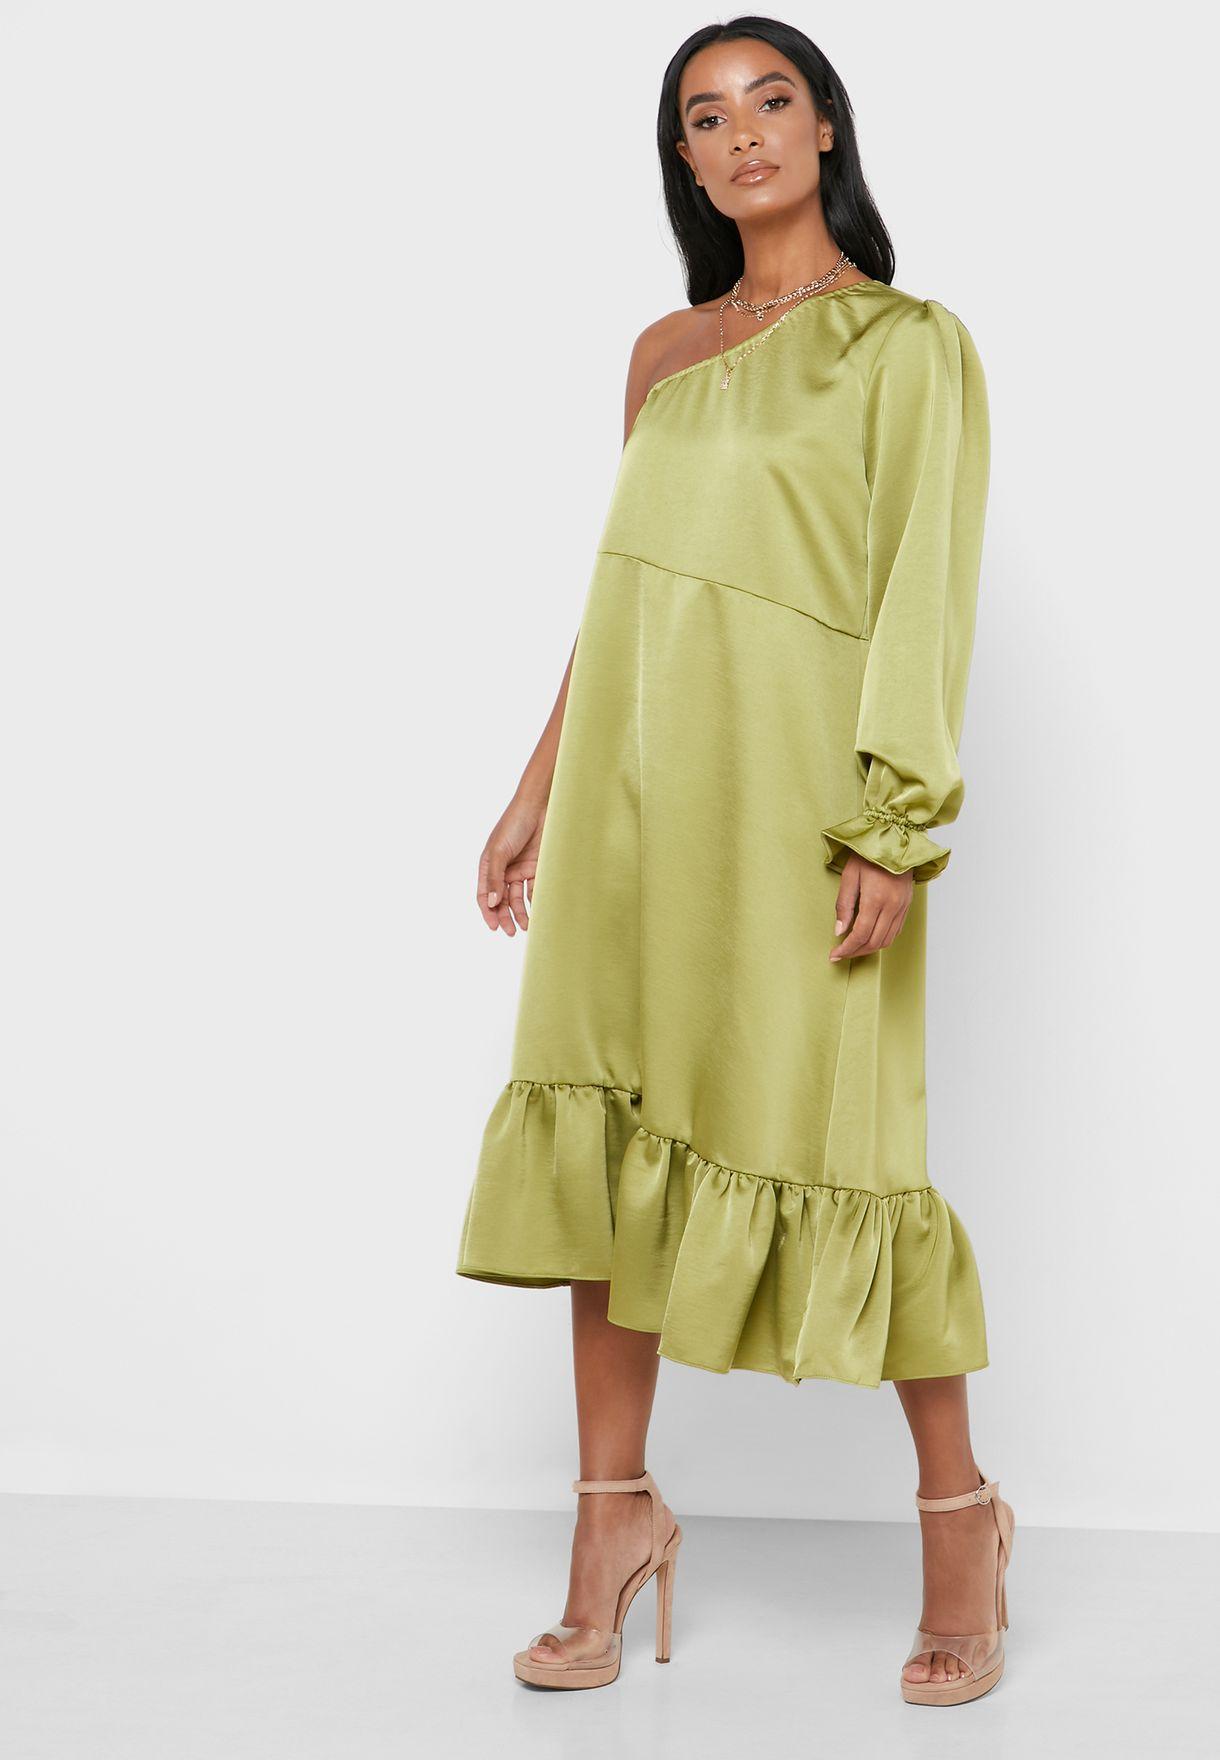 فستان بكتف واحد مكشكش الاطراف